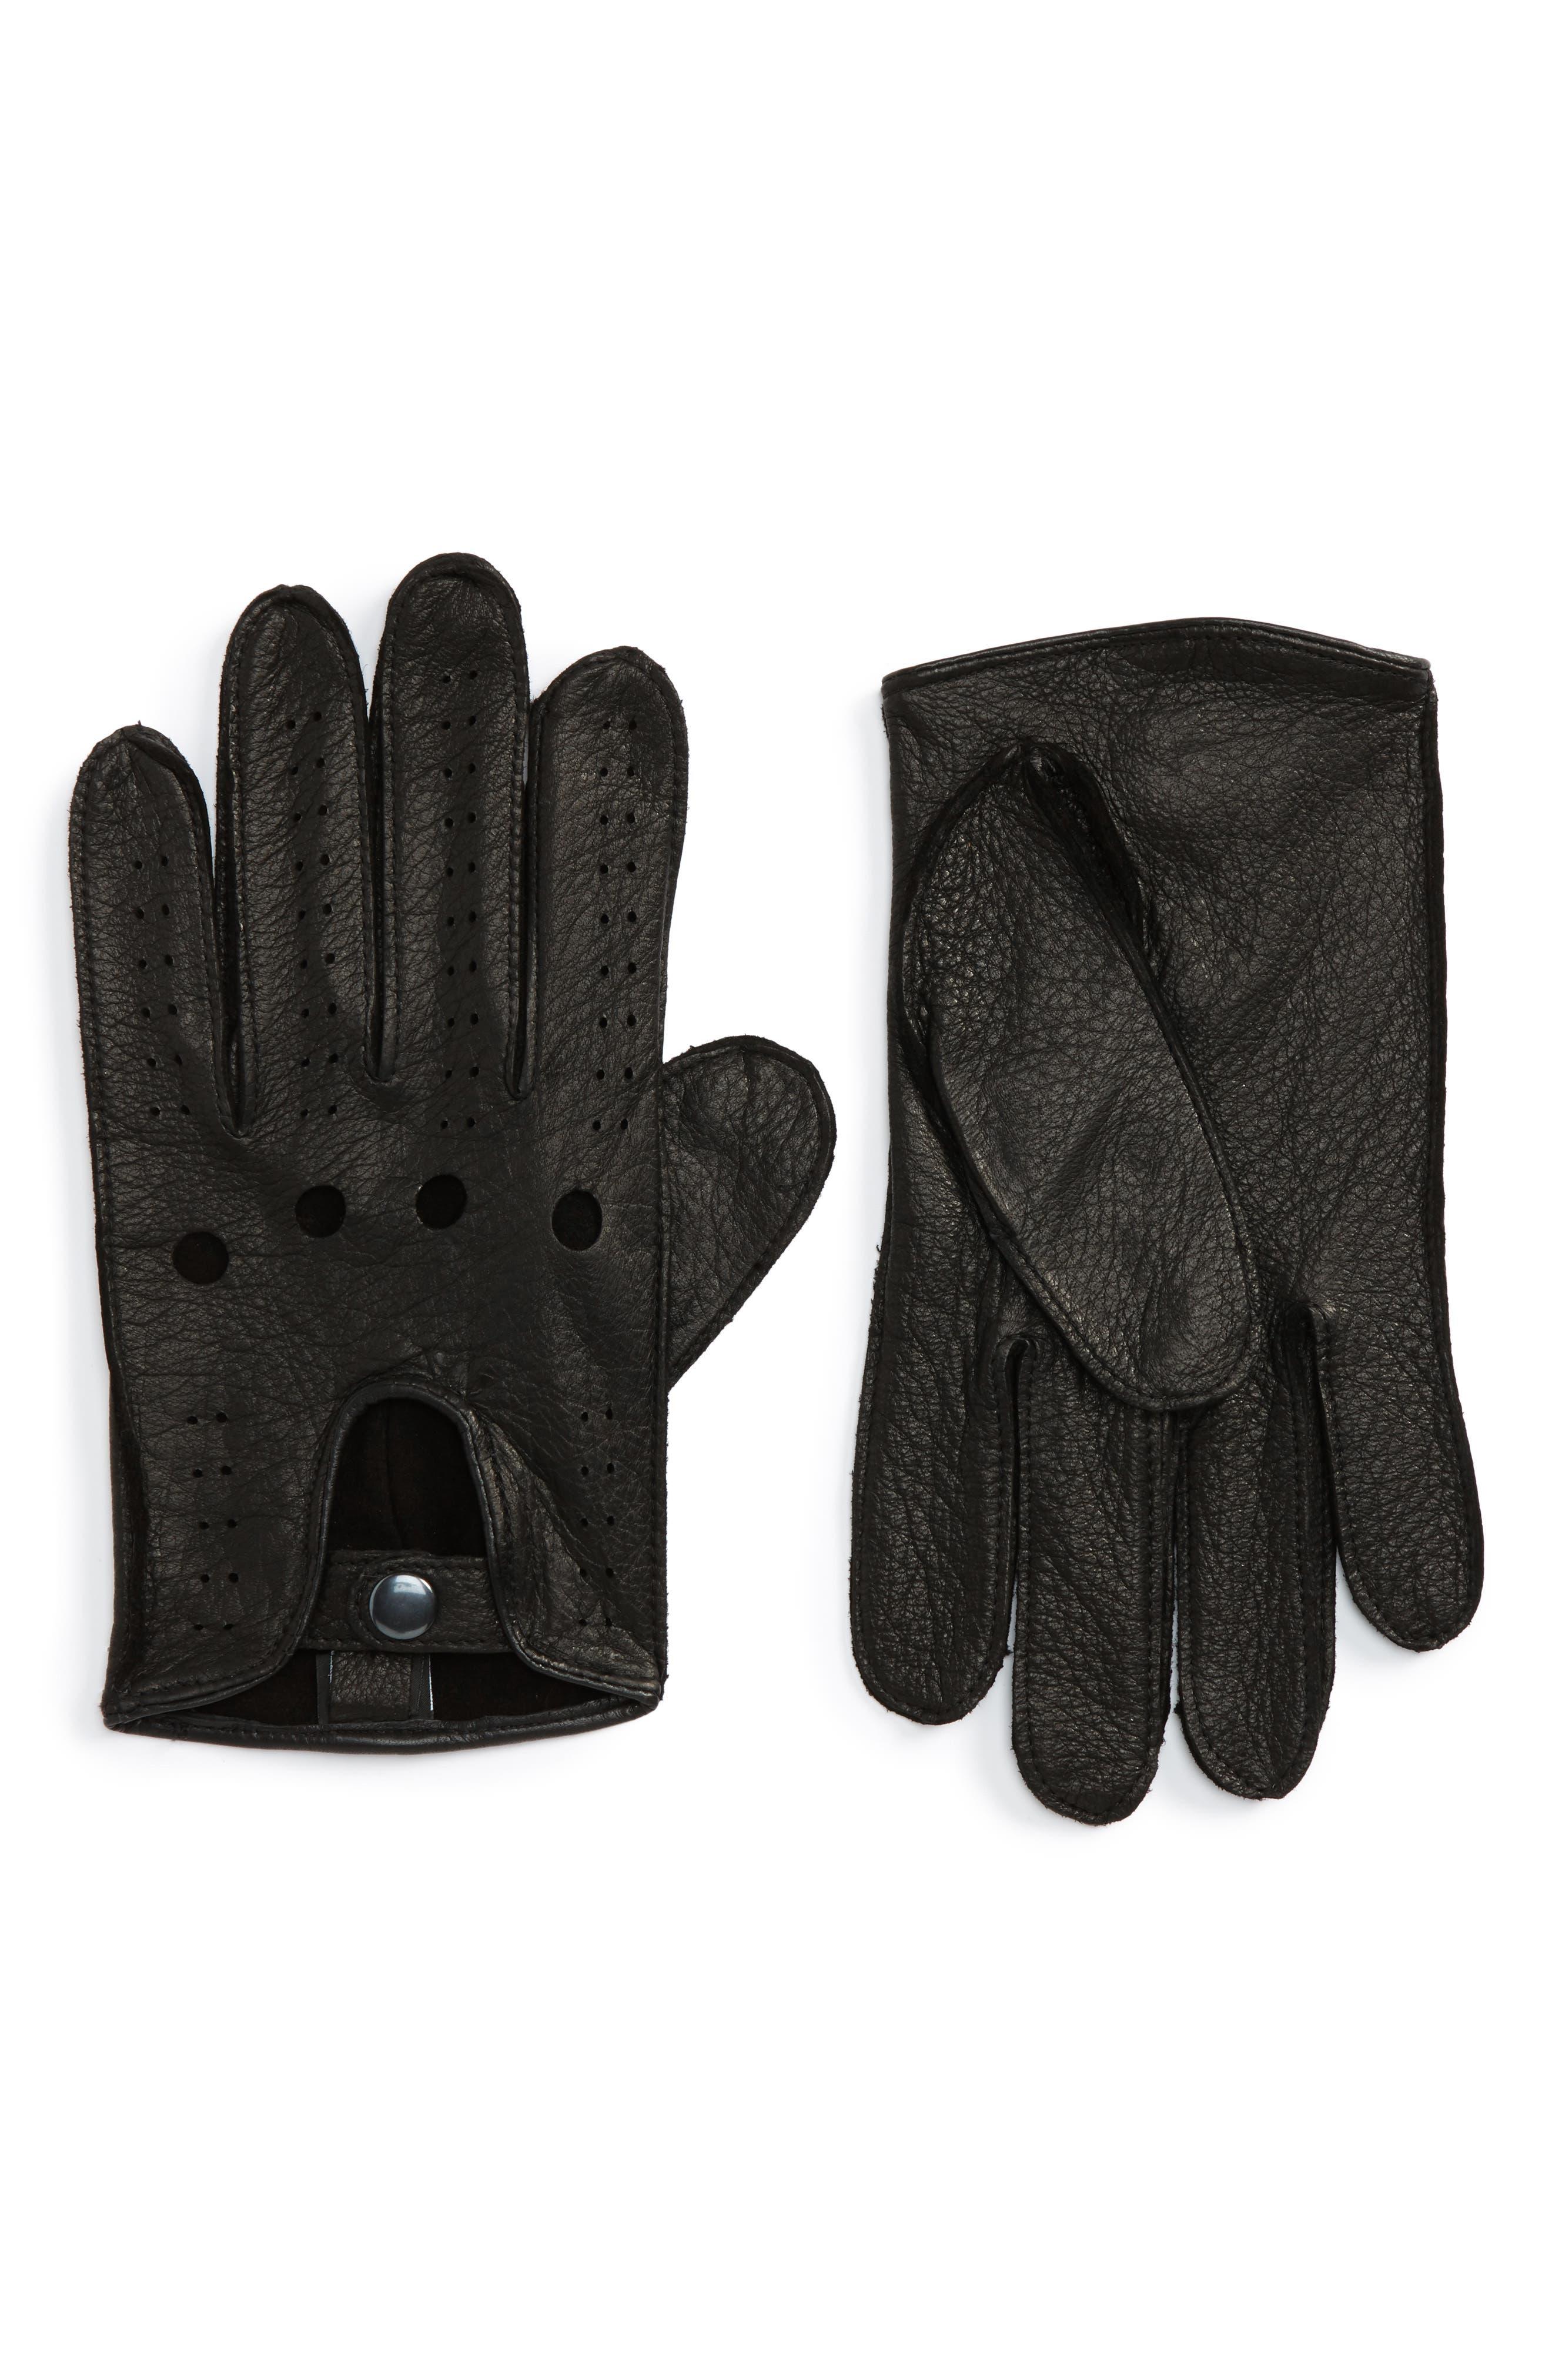 History of Vintage Men's Gloves – 1900 to 1960s Mens Nordstrom Mens Shop Leather Driving Glove $44.75 AT vintagedancer.com